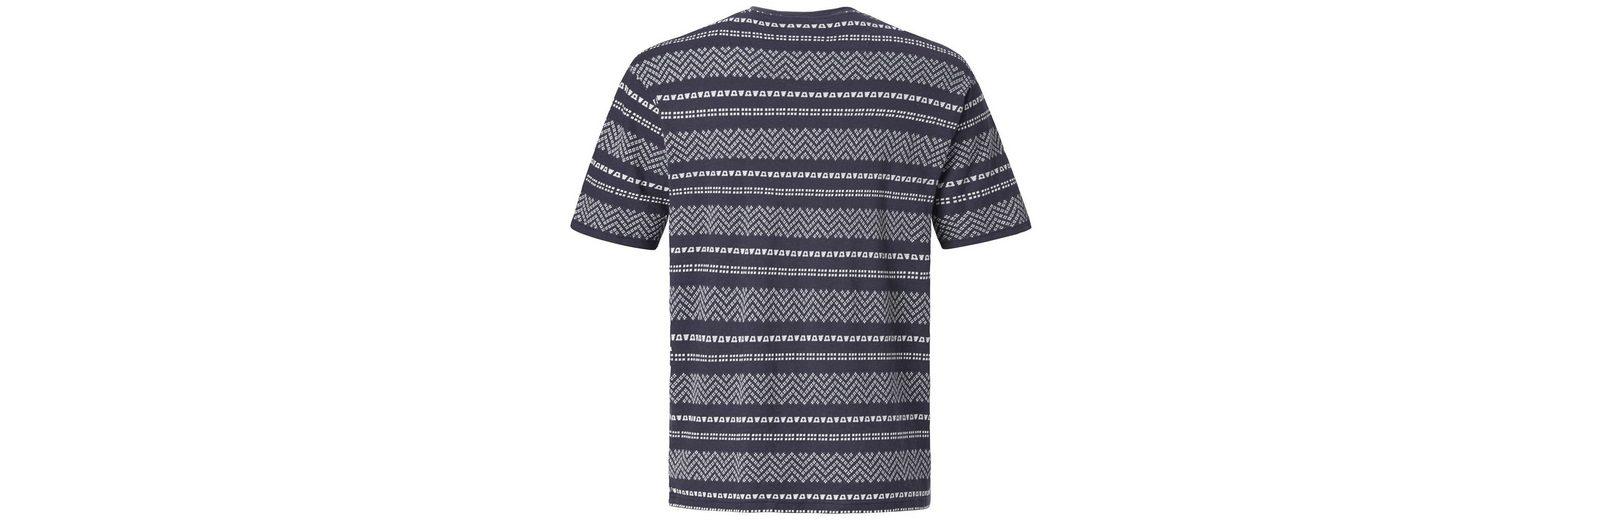 Jan Vanderstorm T-Shirt GYRTH Günstig Kaufen Online-Suche Zu Verkaufen Classic Günstig Online BqT8UHBj